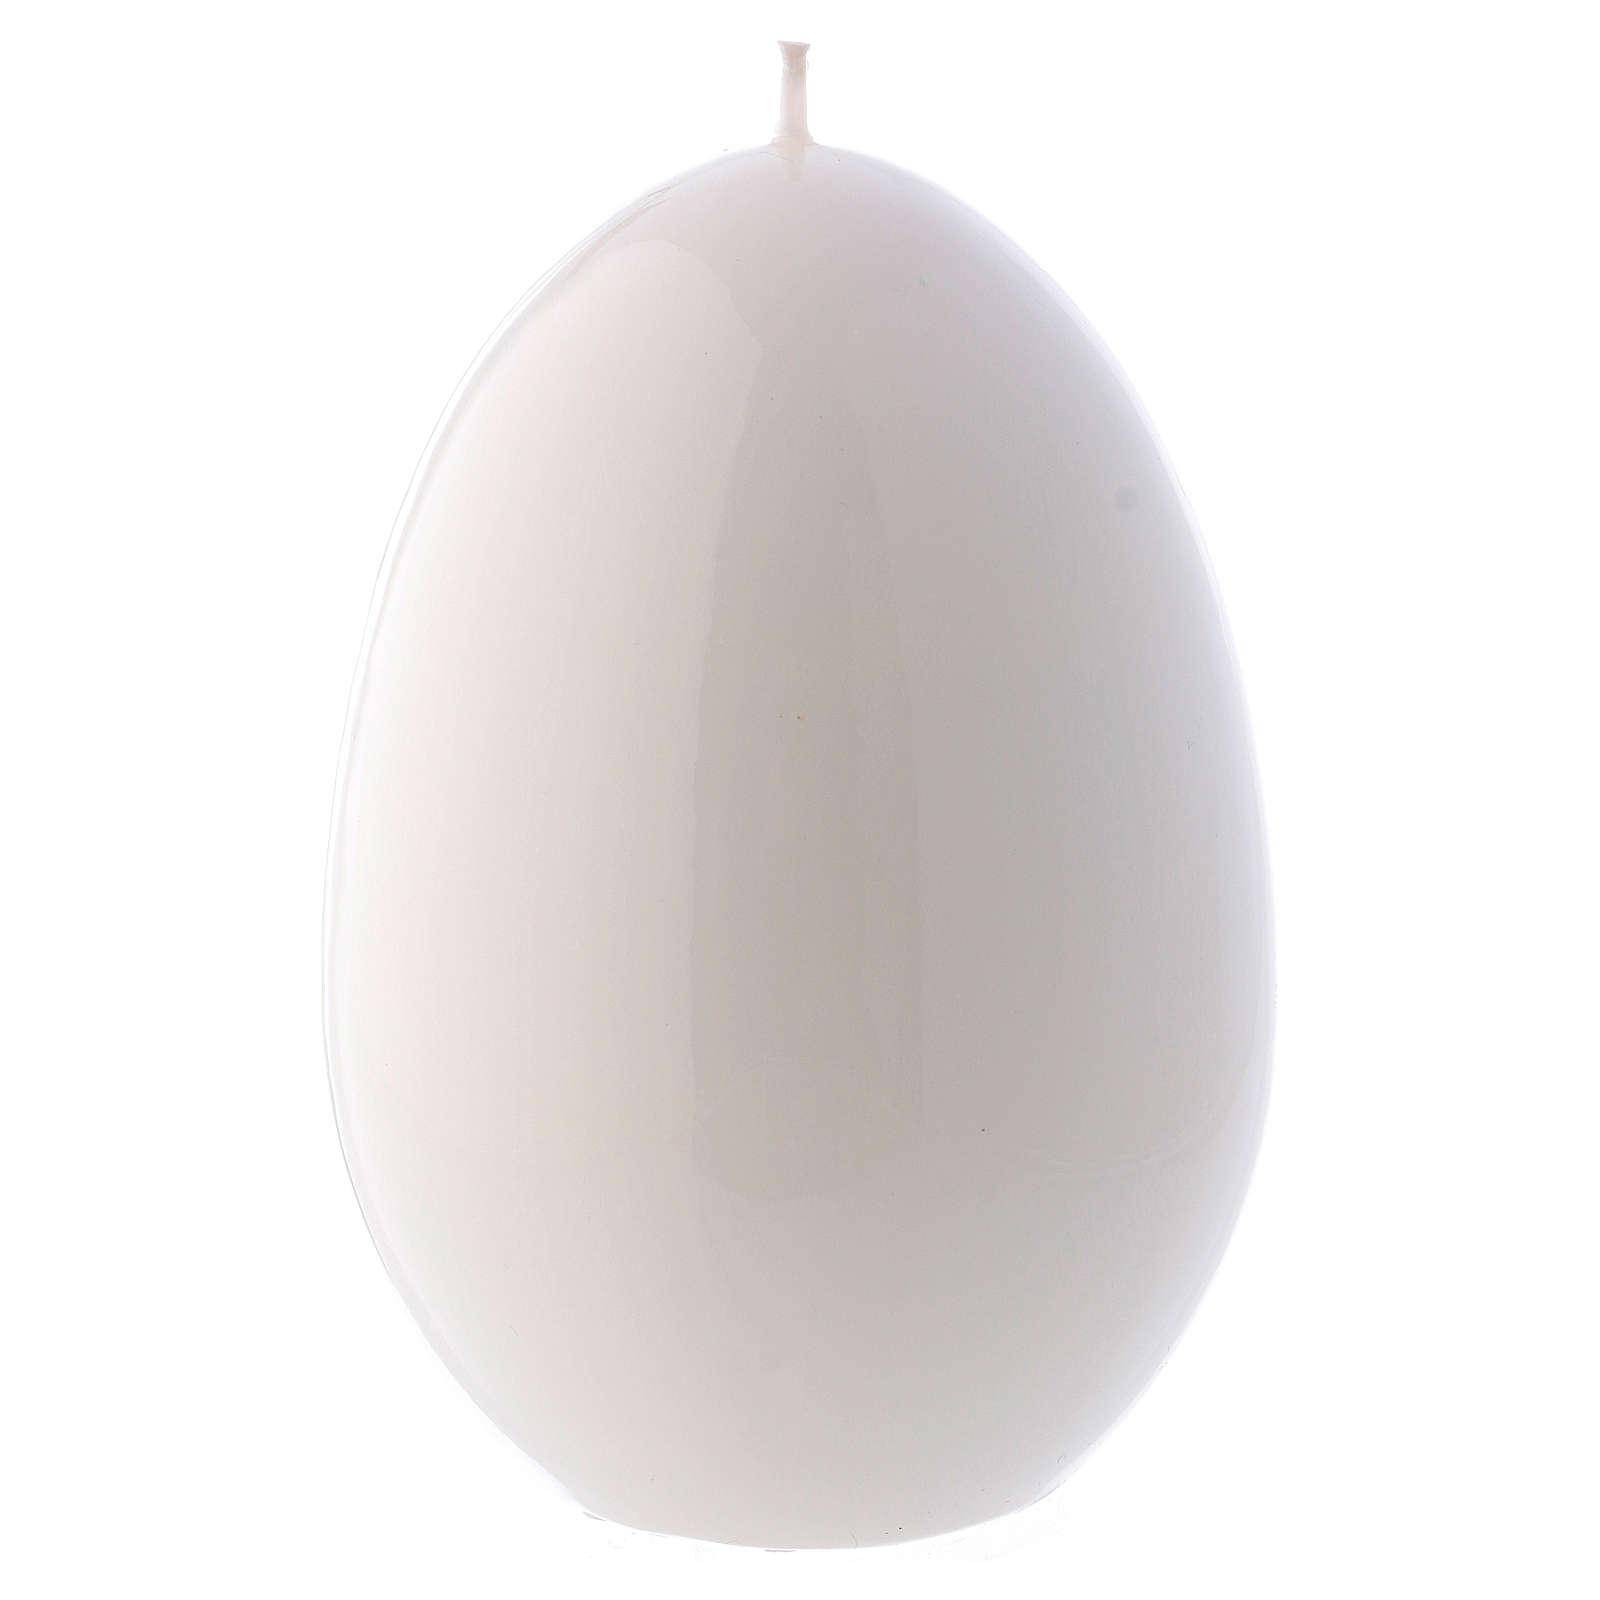 Bougie blanche Brillante Oeuf Ceralacca diam. 100 mm 3